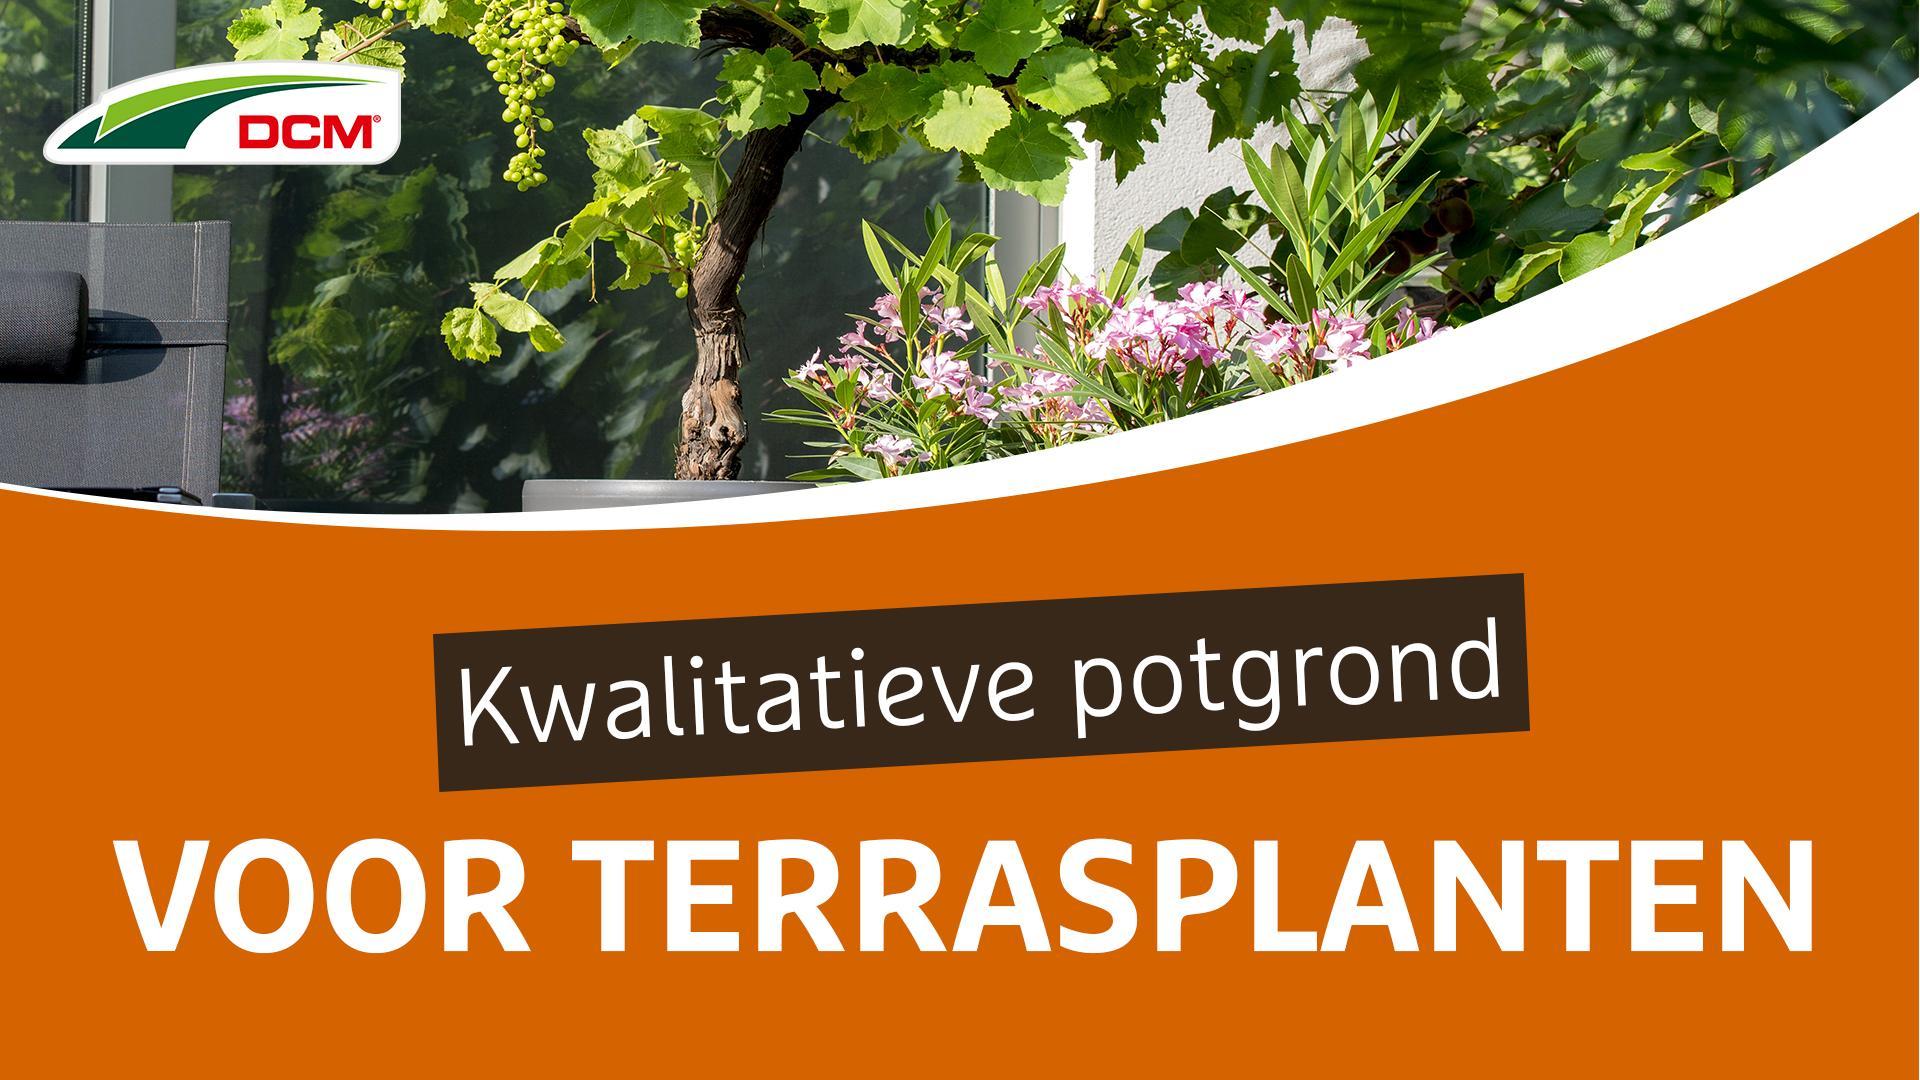 Kwalitative potgrond voor terrasplanten - DCM Ecoterra® Terrasplanten & Mediterrane Planten